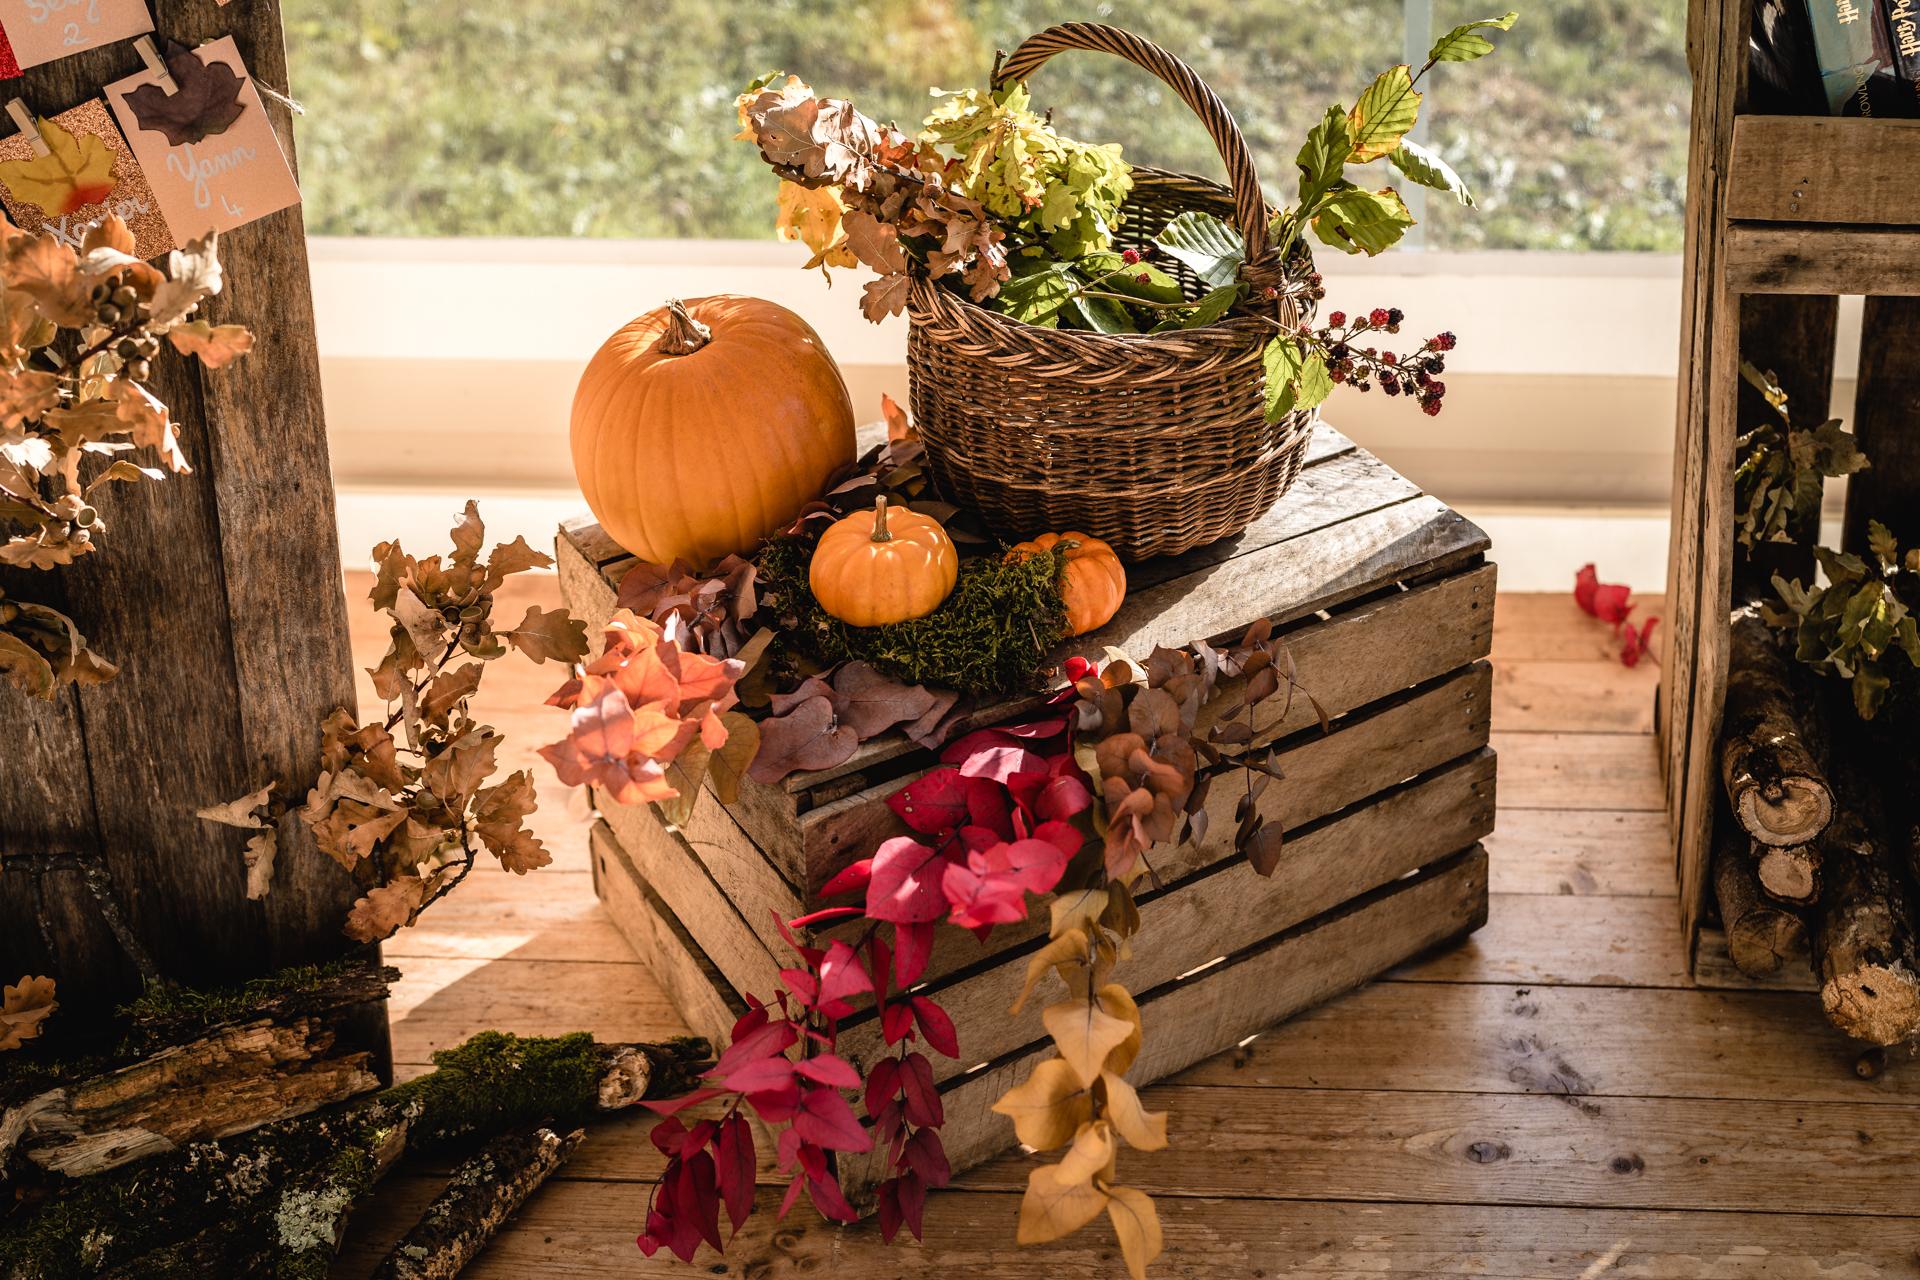 Décoration citrouille, décoration automne